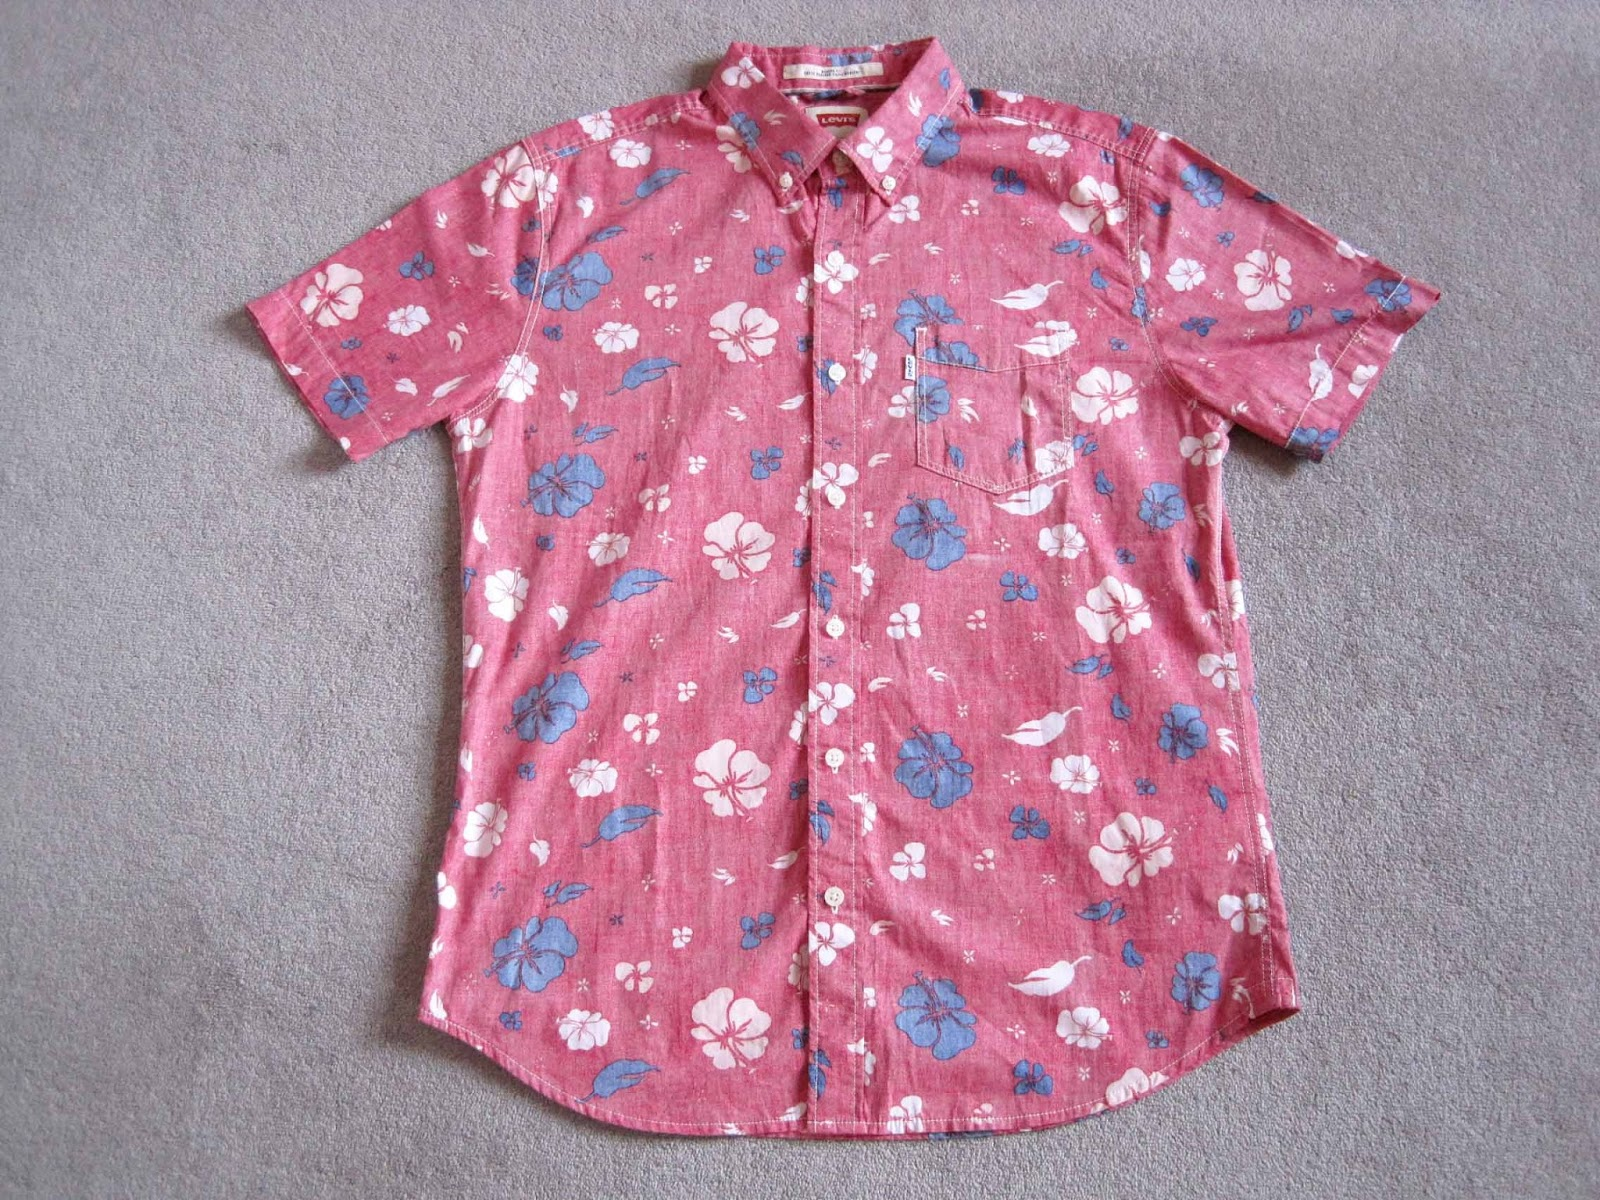 f570f1d9 levis hawaiian shirt, red hawaiian shirt, levis vintage clothing shirt, lvc  hawaiian shirt